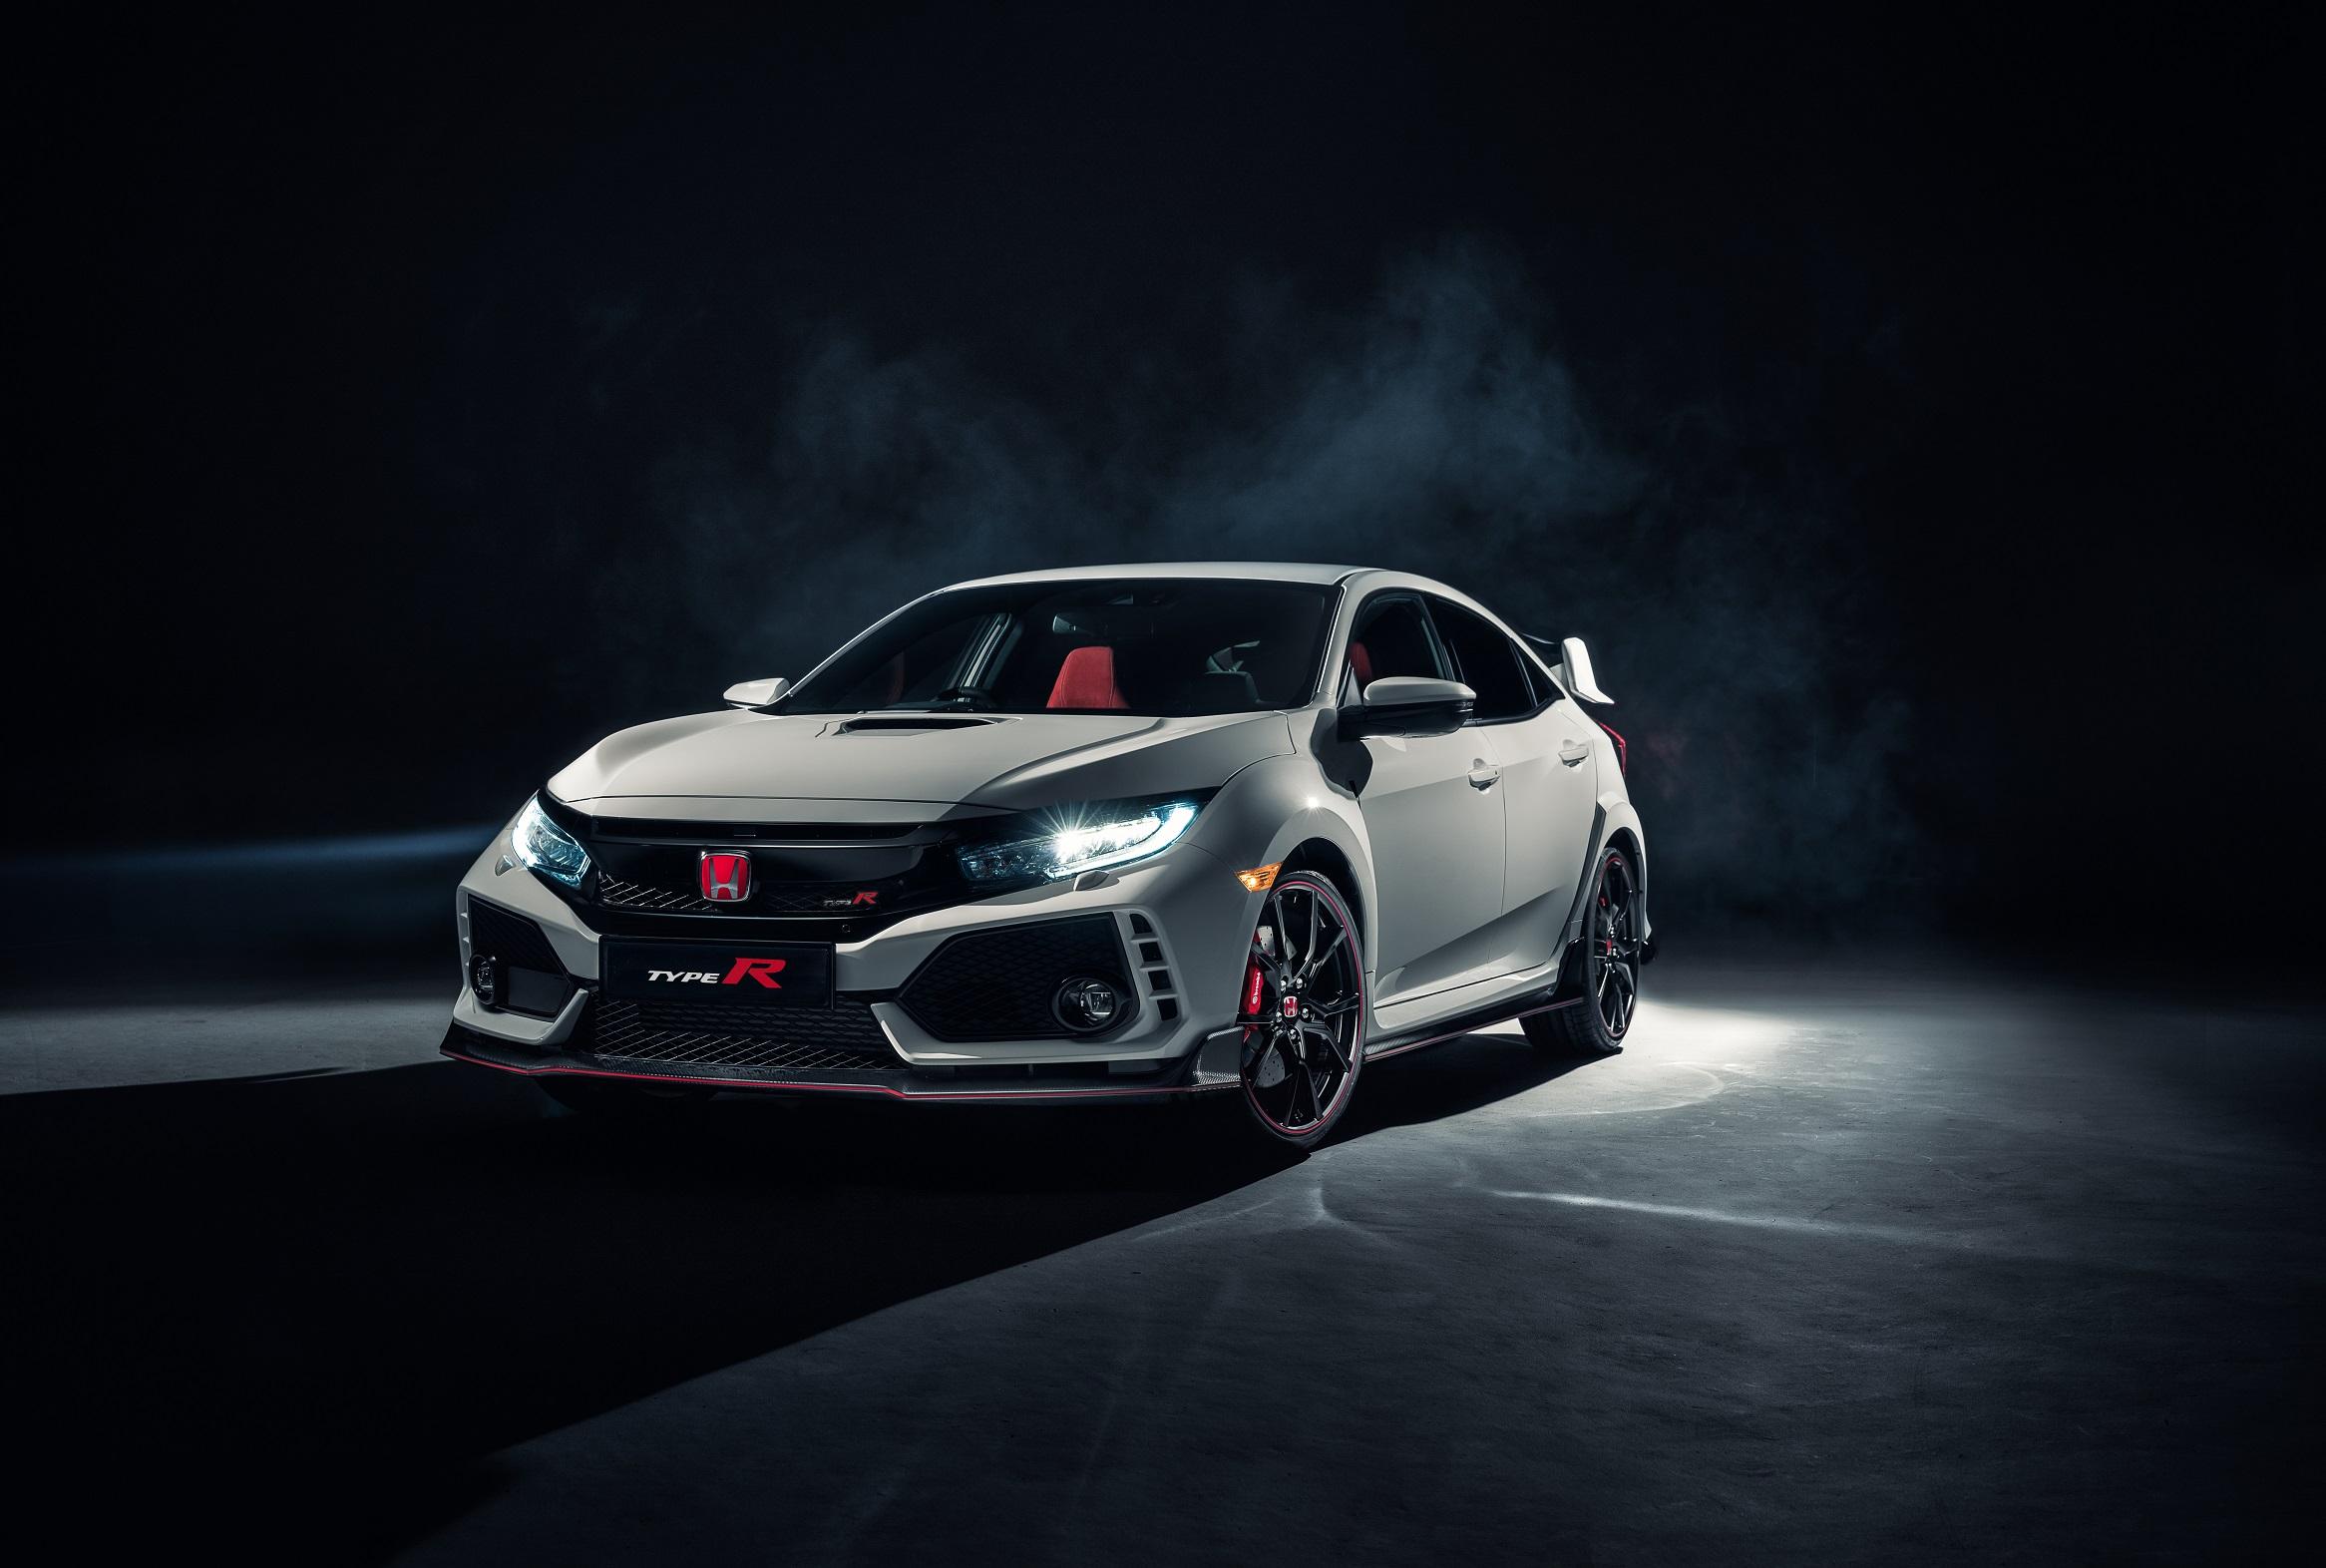 Kelebihan Kekurangan Harga Honda Civic 2018 Murah Berkualitas